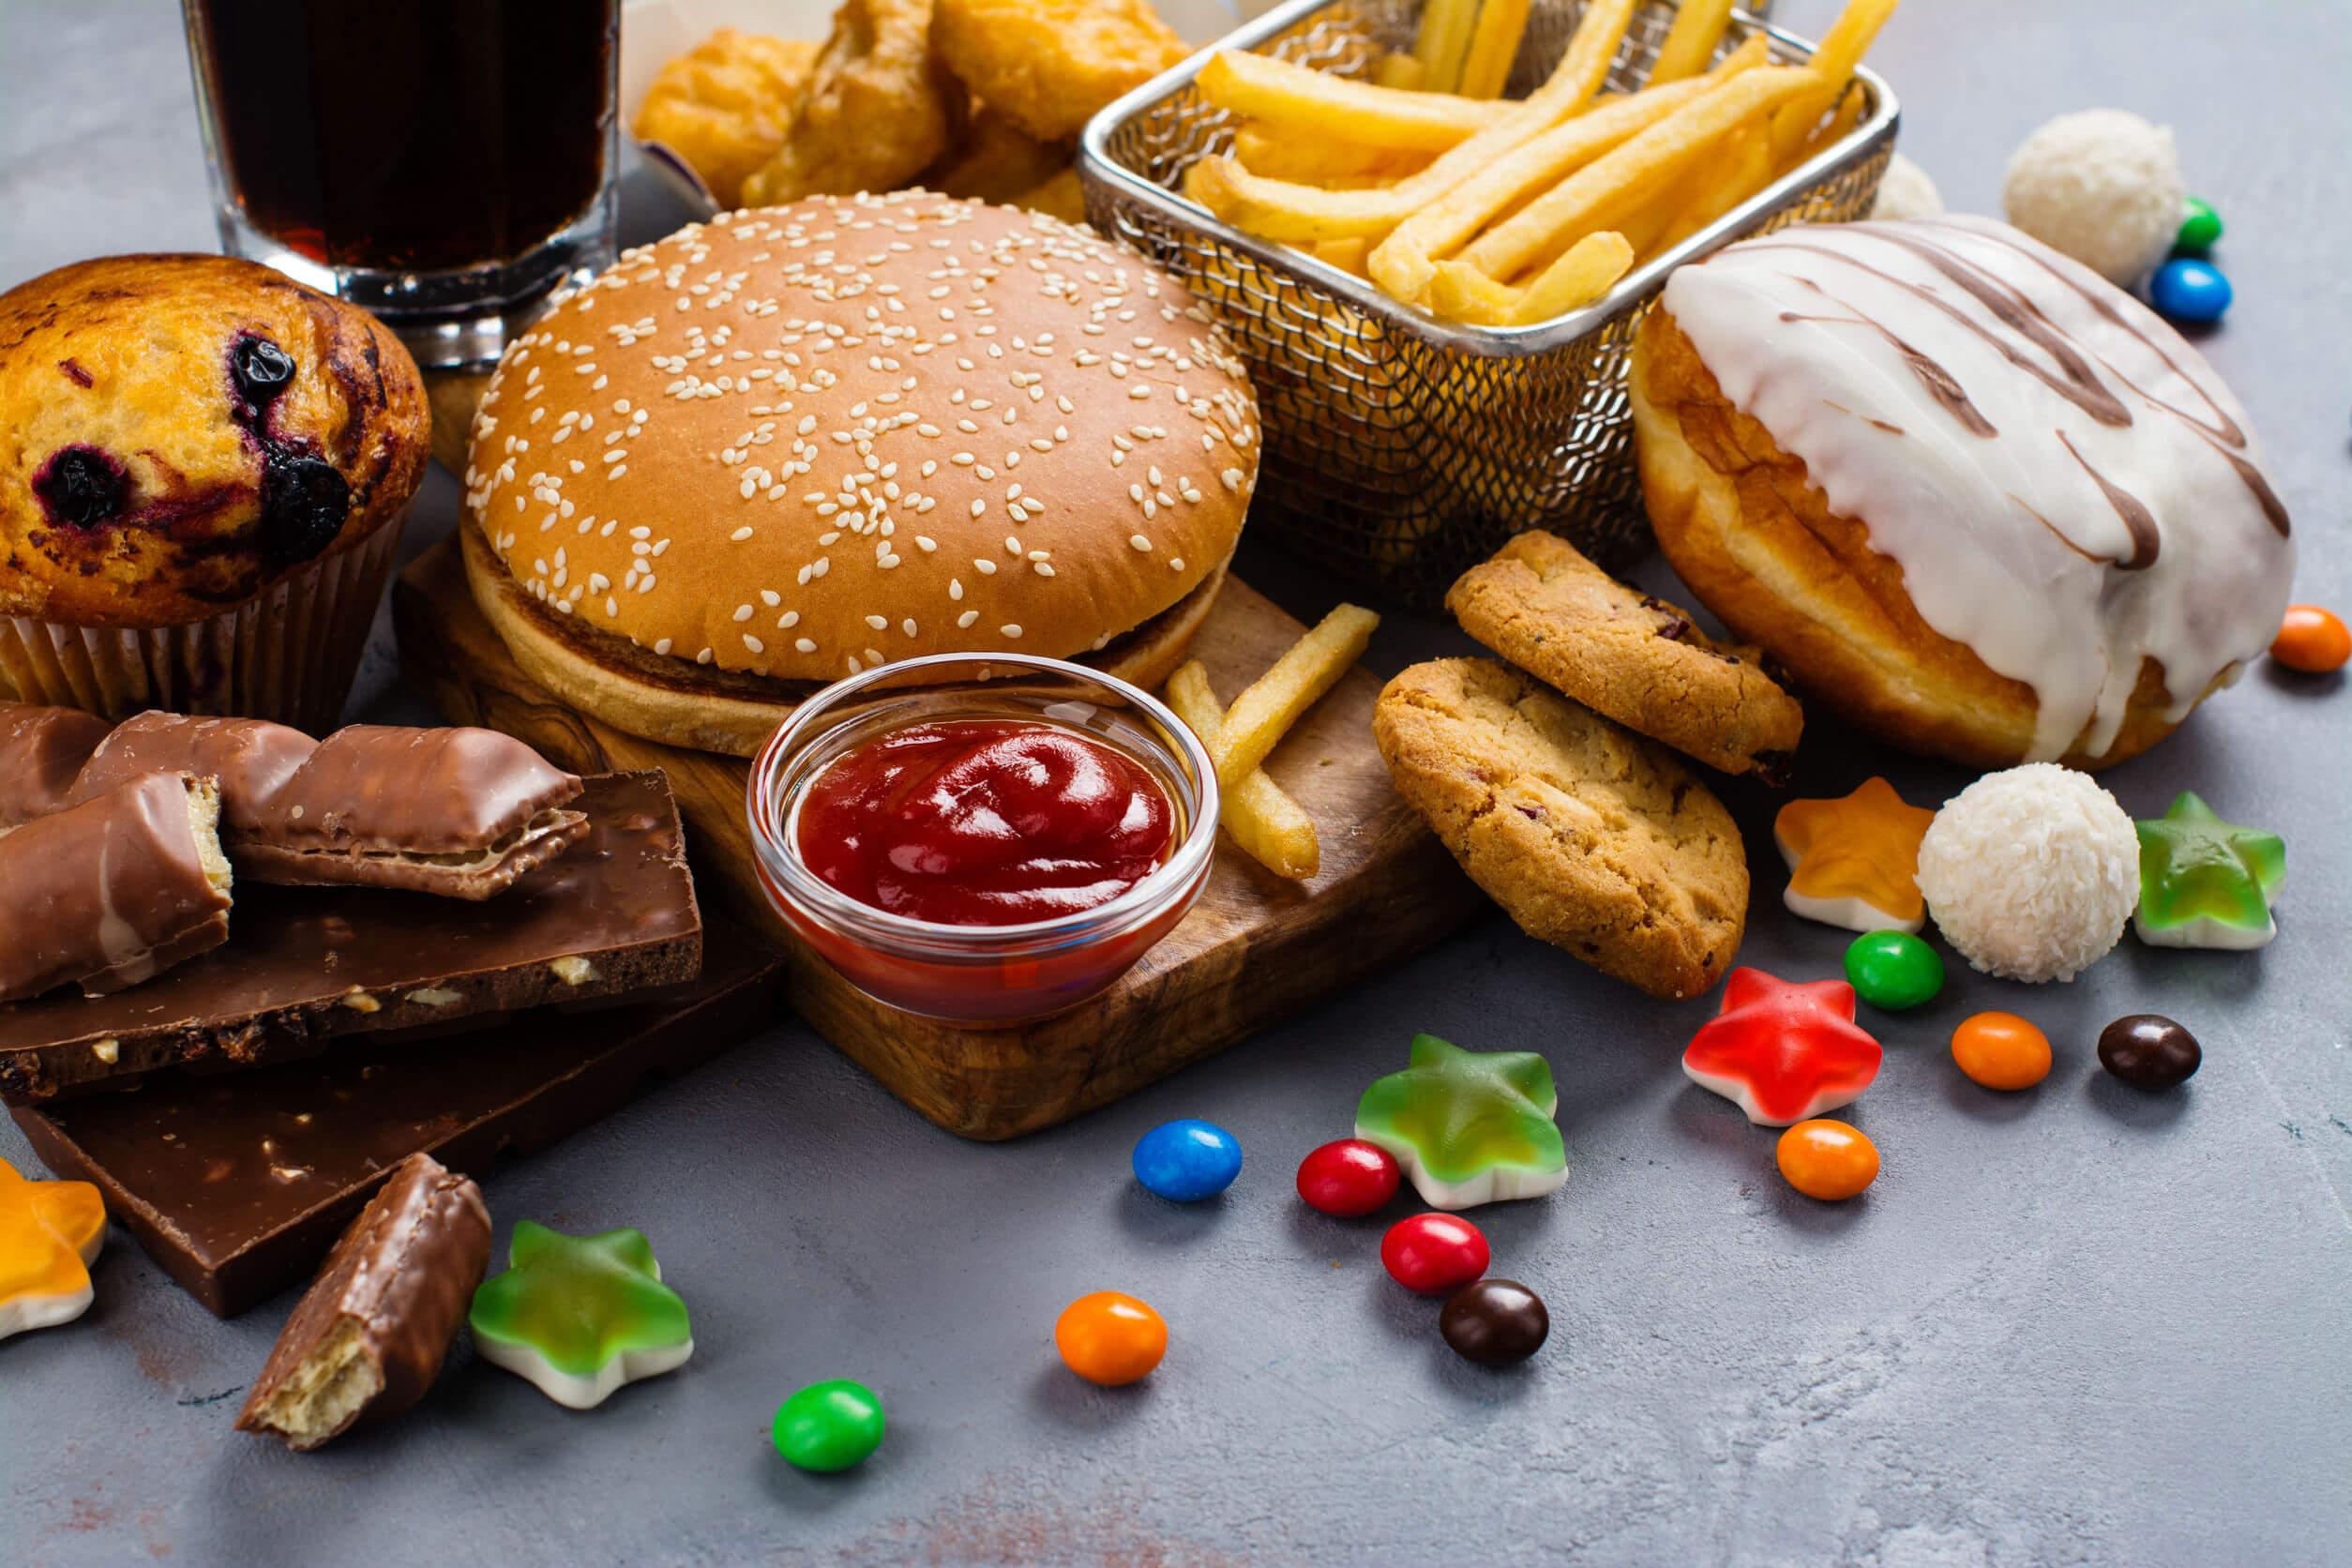 Comida chatarra: ¿qué es y cómo afecta a la salud?